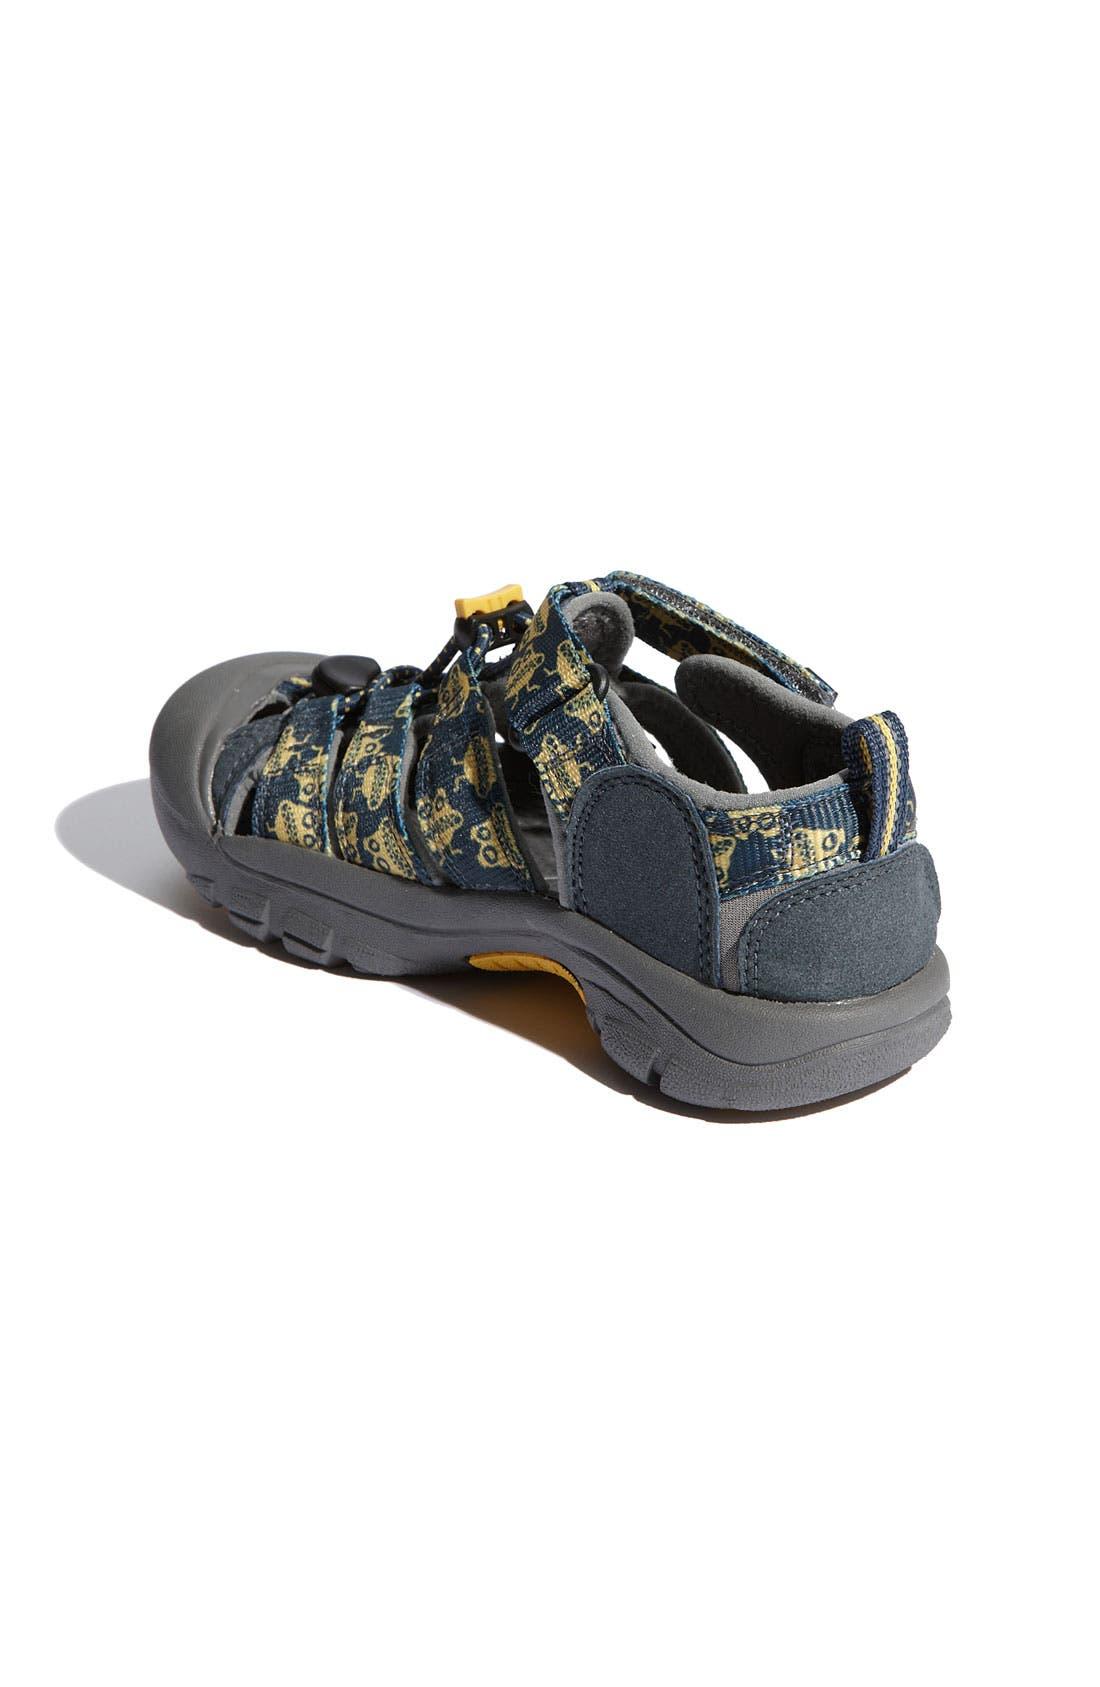 Alternate Image 3  - Keen 'Newport H2' Waterproof Sandal (Toddler, Little Kid & Big Kid)